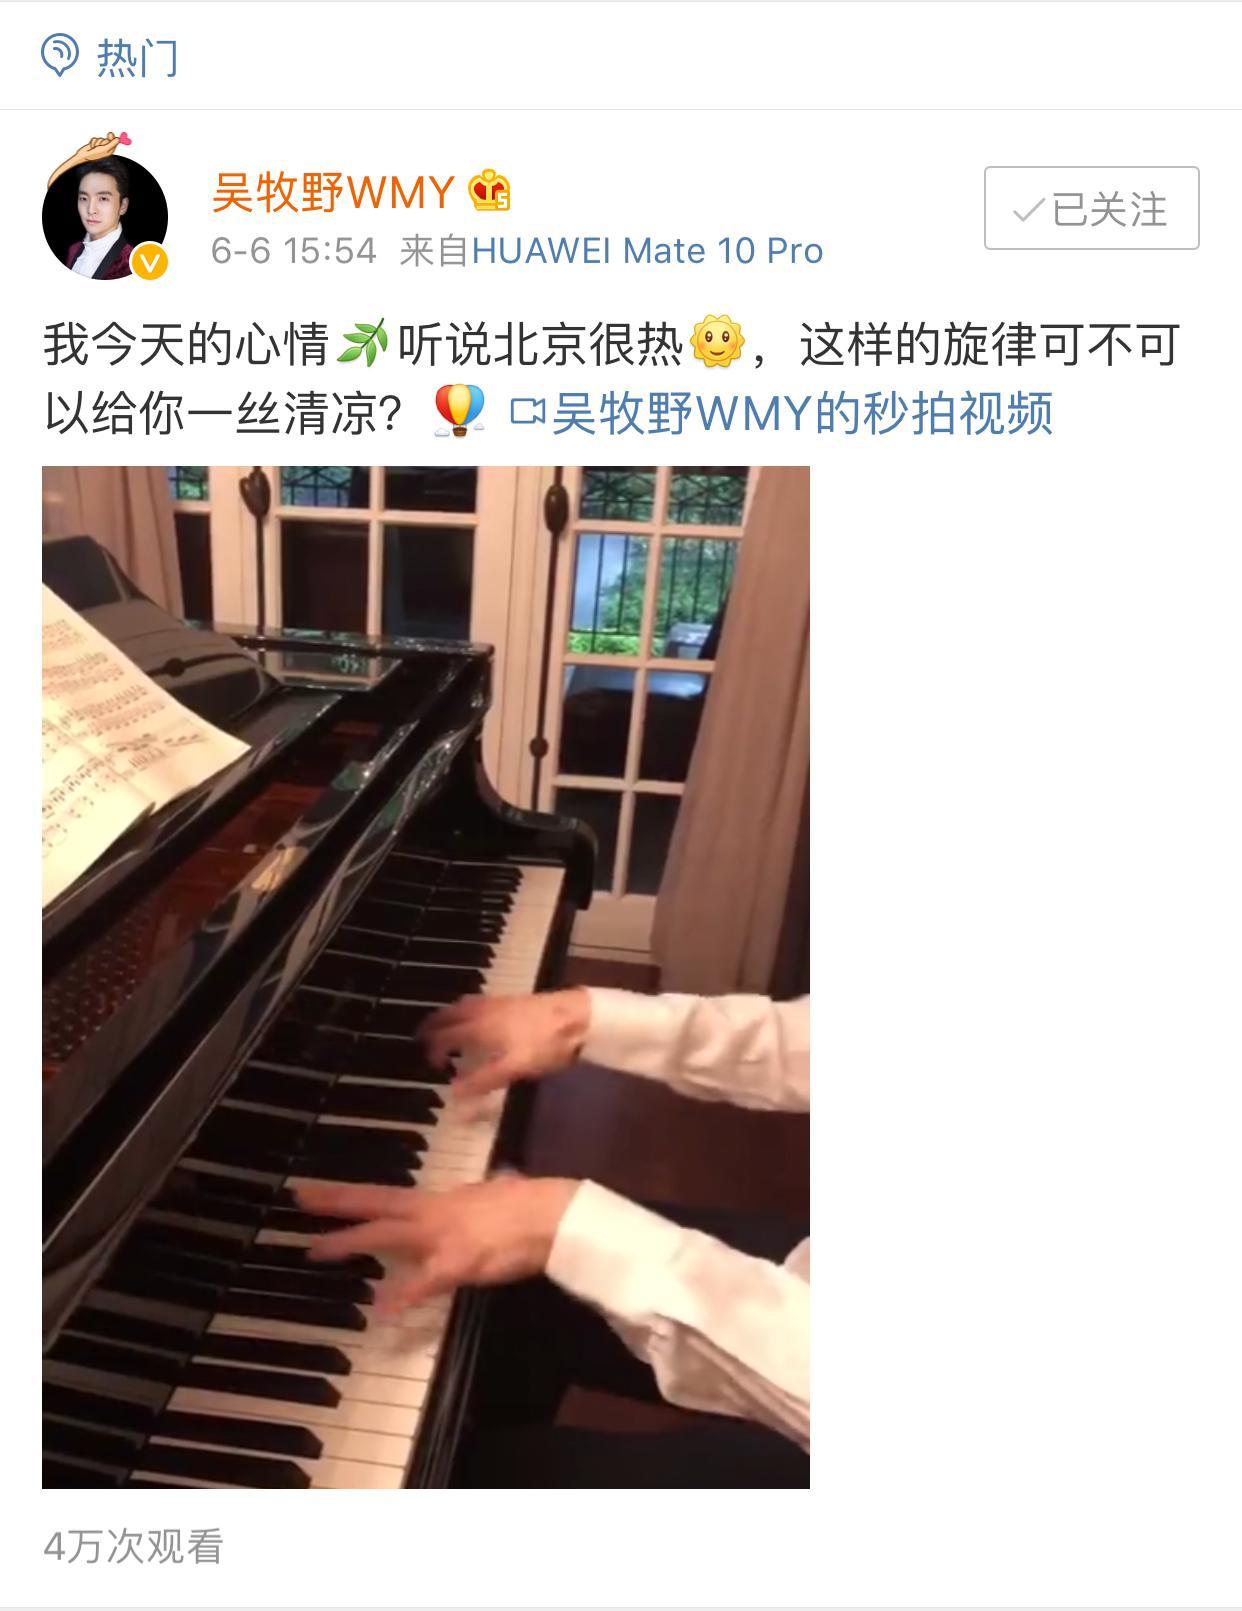 吴牧野降暑钢琴曲惊呆网友 金手指太帅了旋律沁入心田